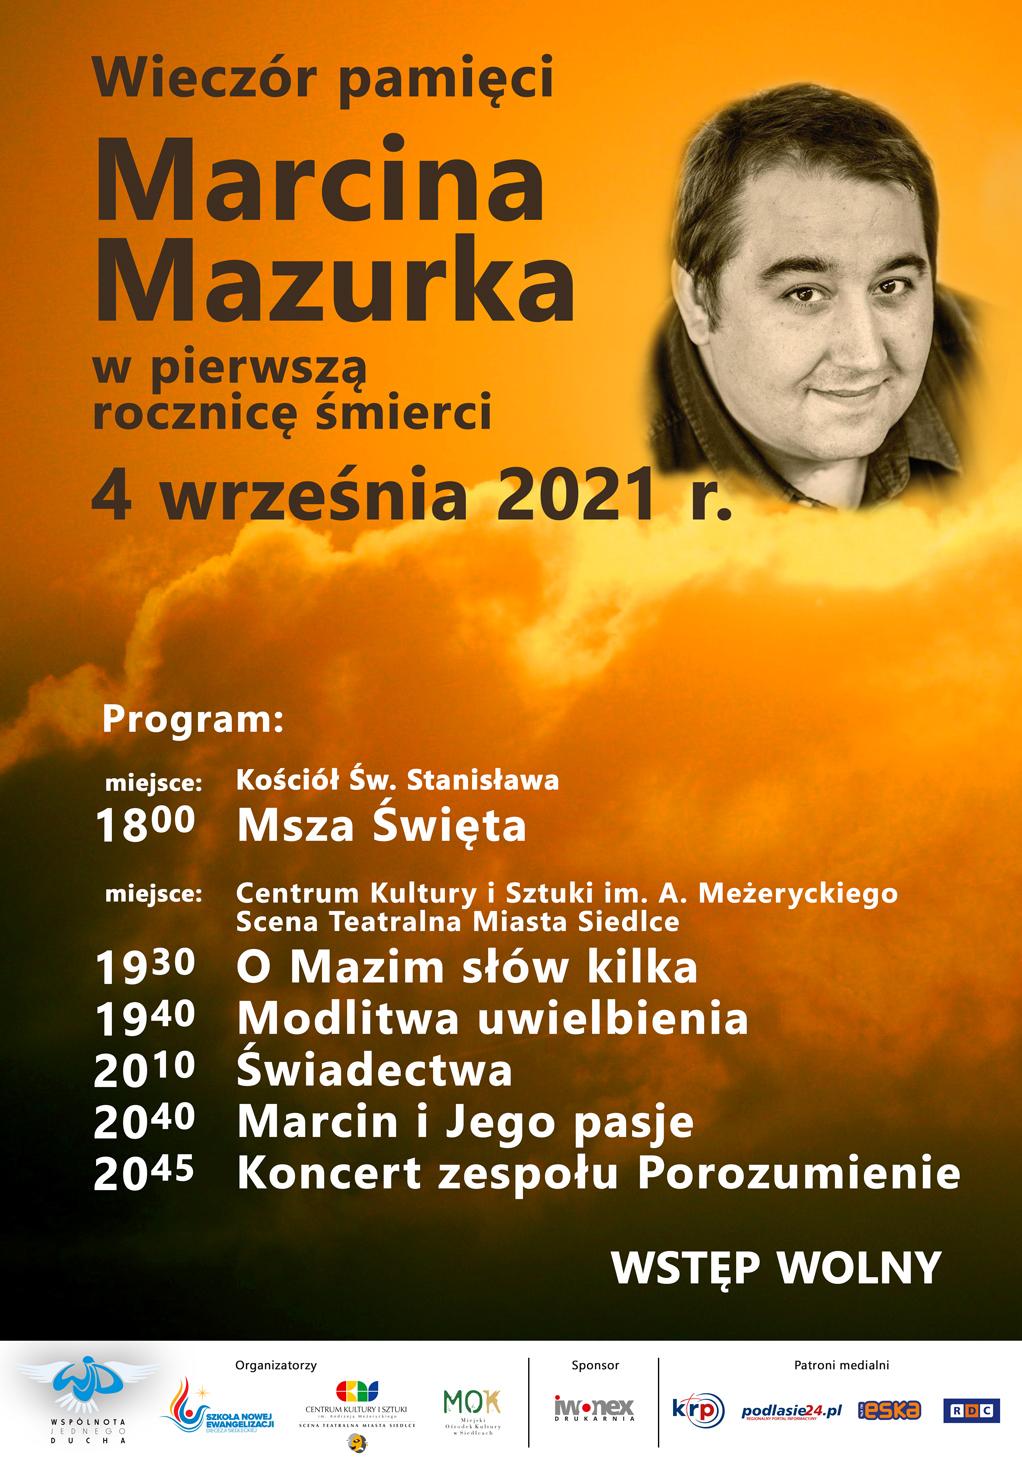 Wieczór pamięci Marcina Mazurka - Zdjęcie główne